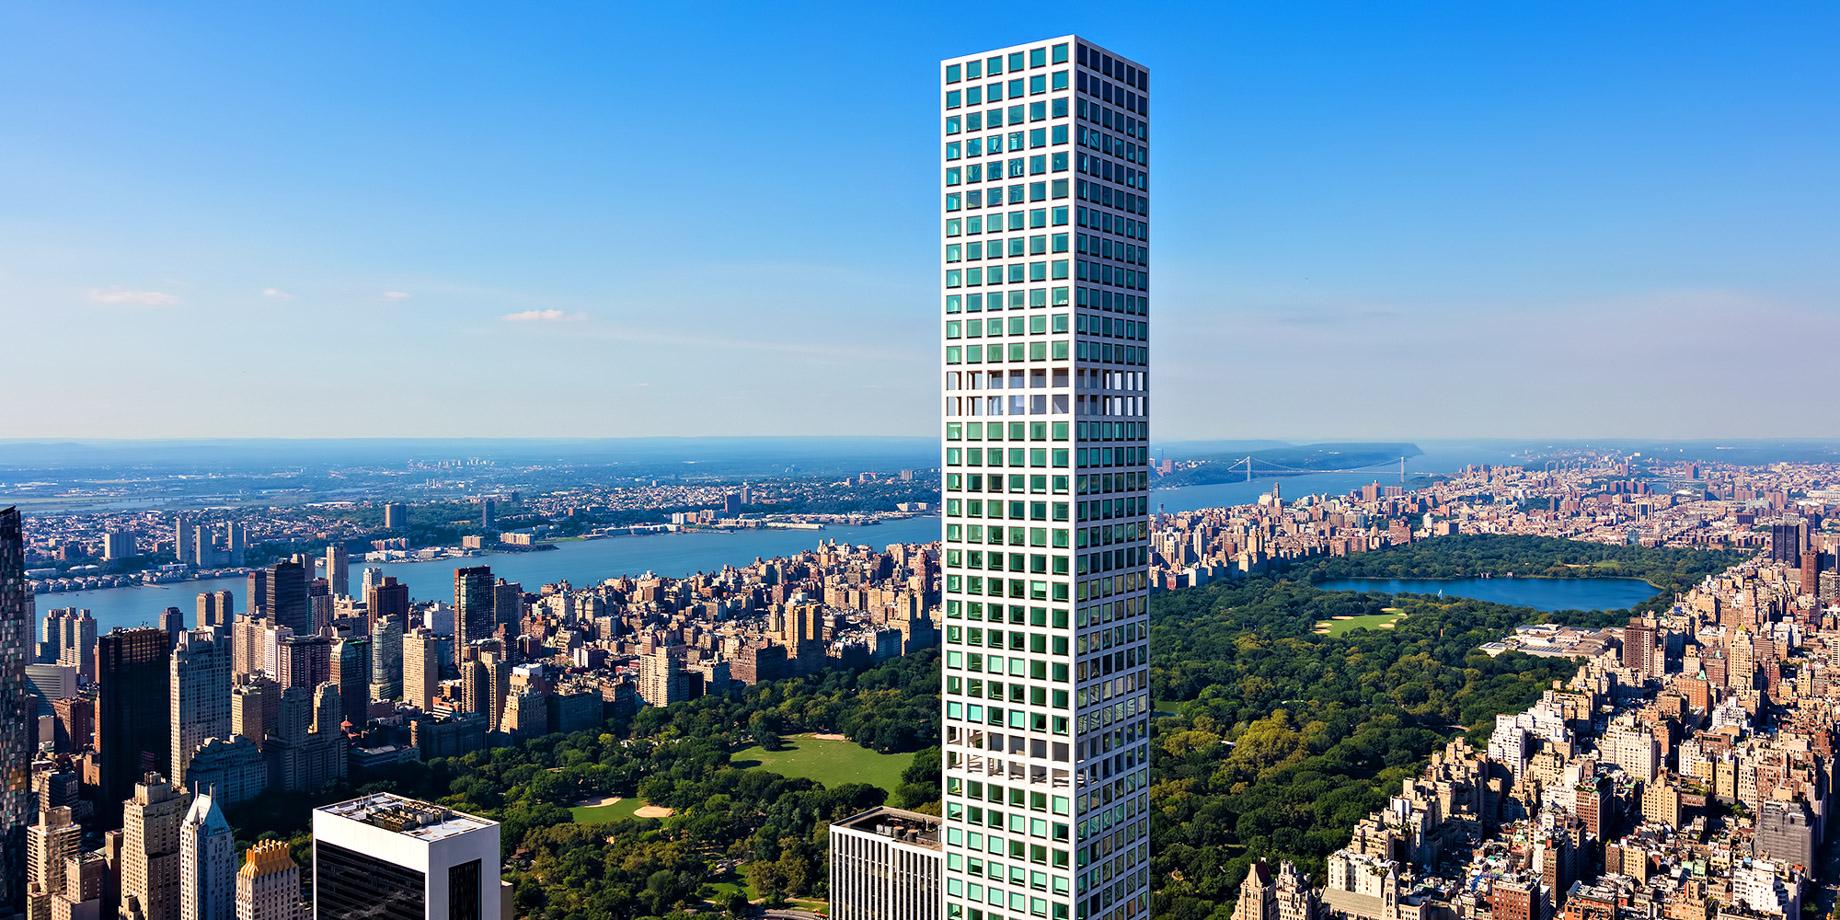 432 Park Ave - 432 Park Ave, New York, NY 10022, USA